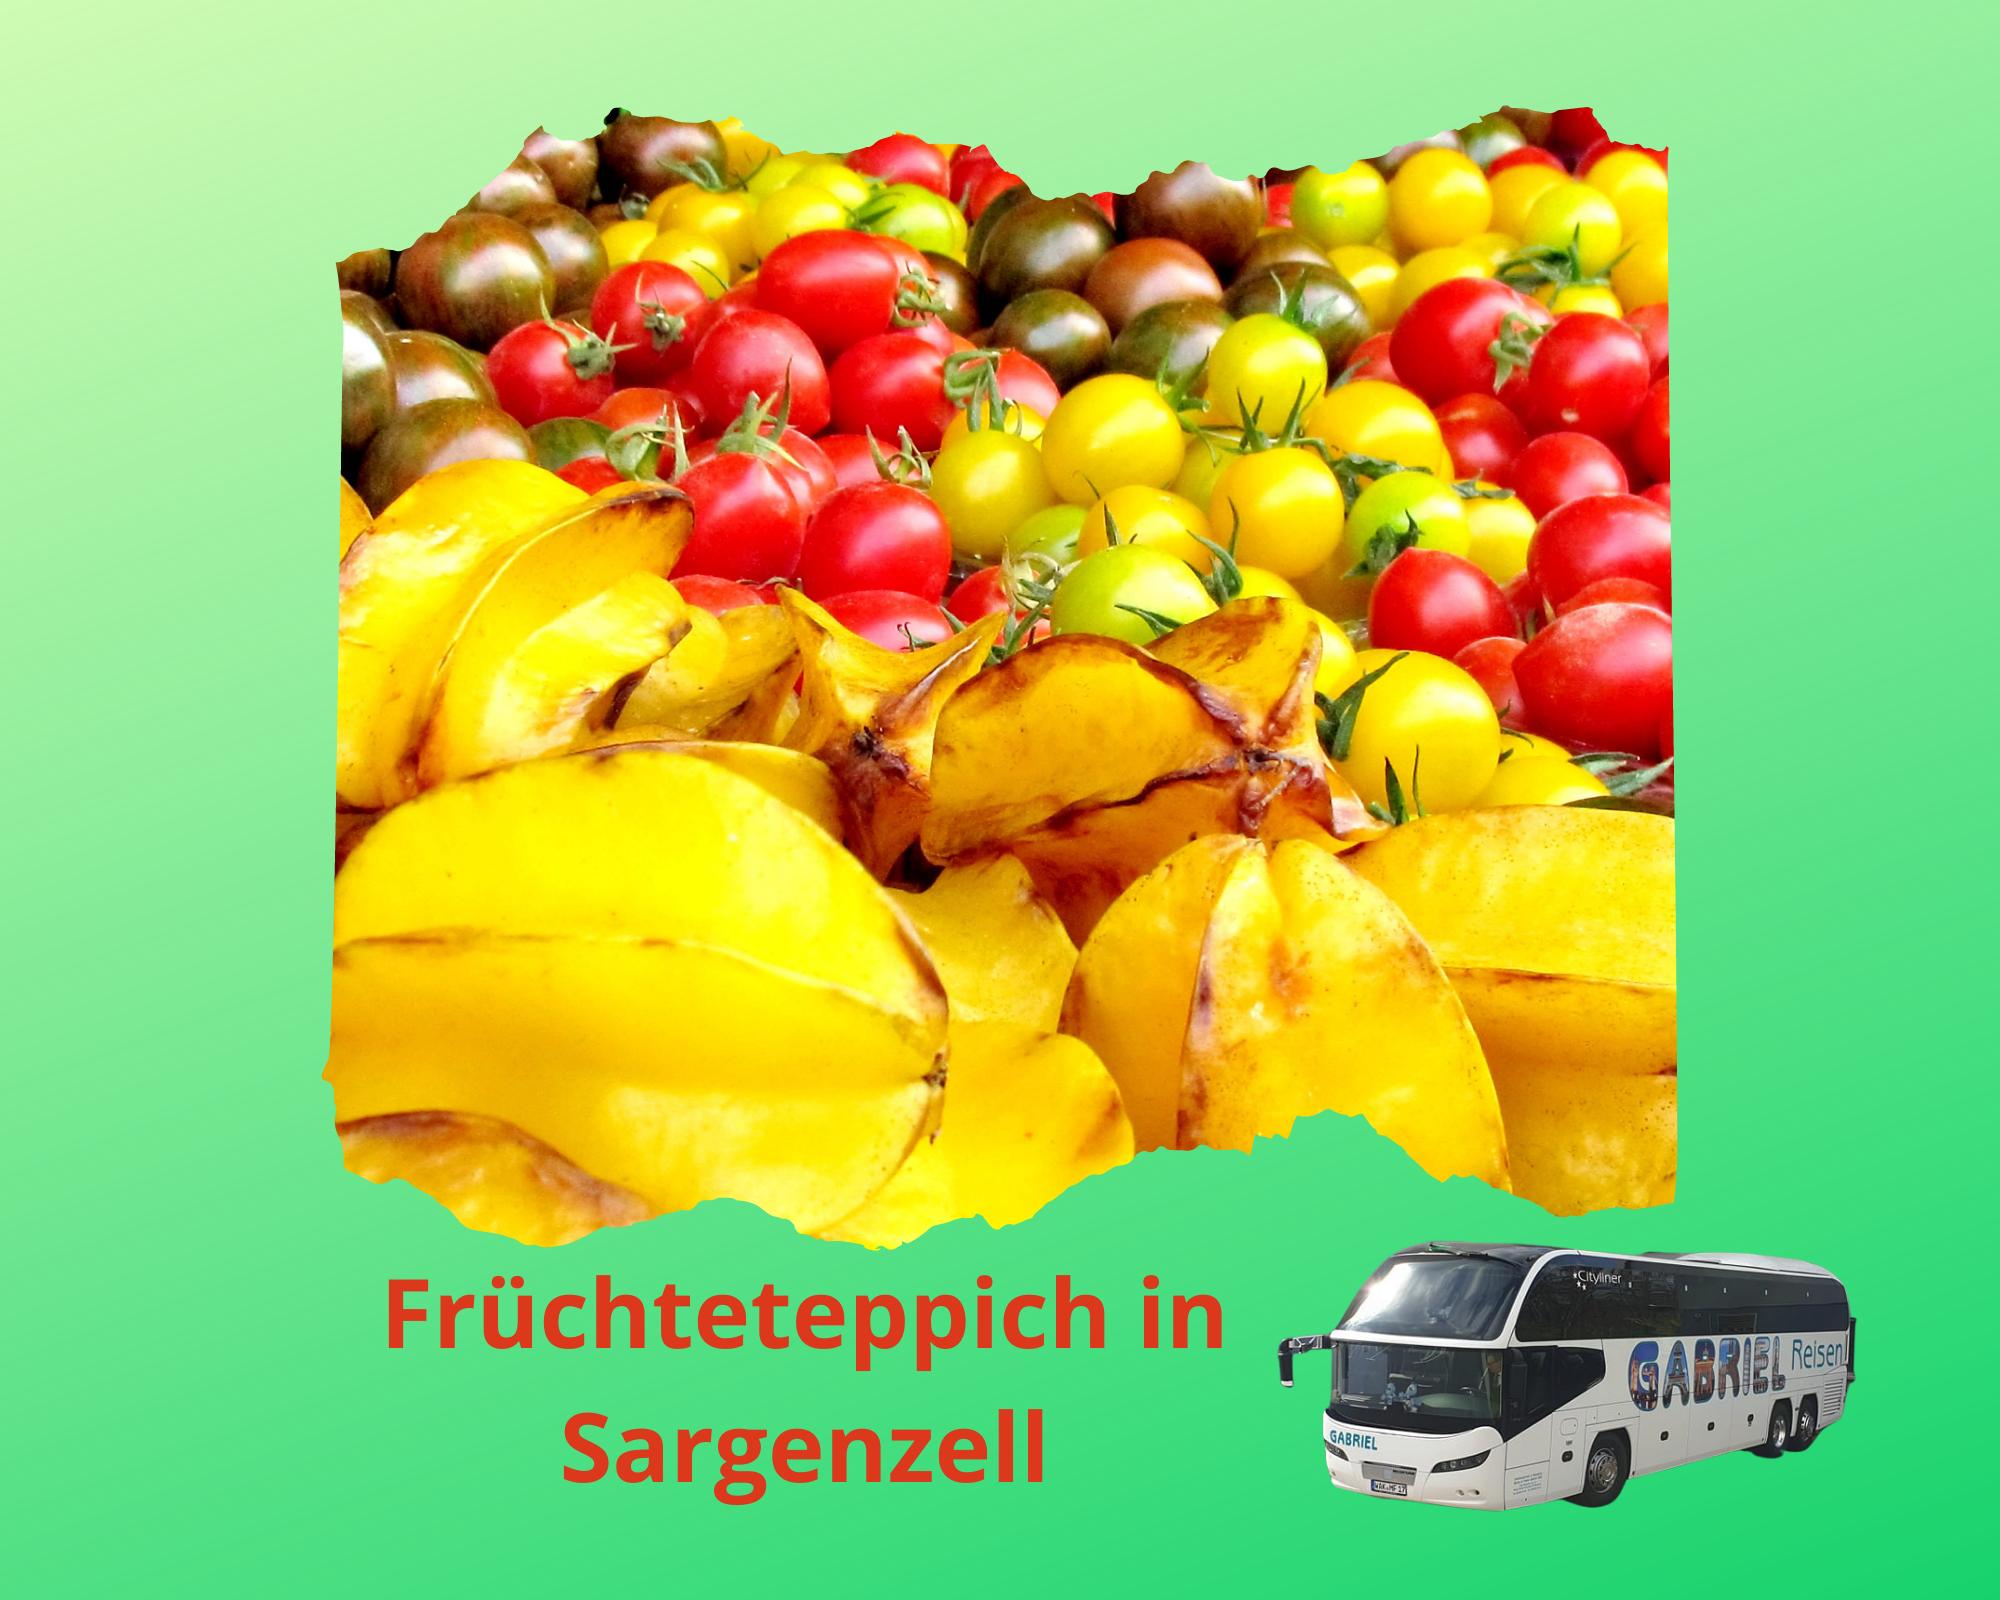 Früchteteppich in Sargenzellam 14.10.2021